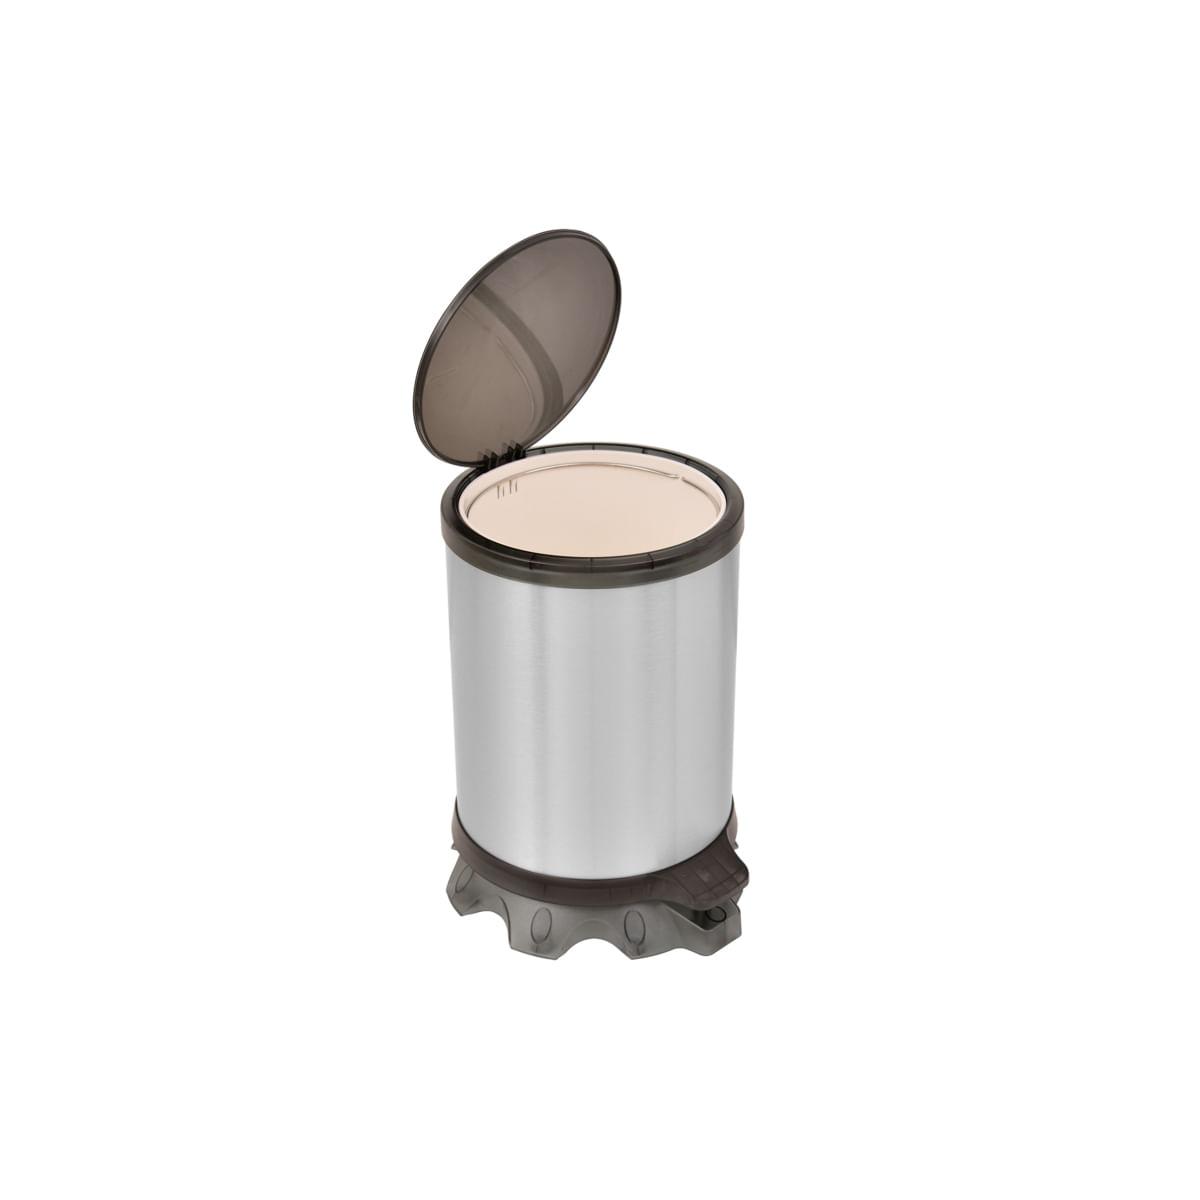 Lixeira Inox Tramontina Sofie Inox Scotch Brite e Detalhes em Plástico Translúcido Preto com Pedal 5 L